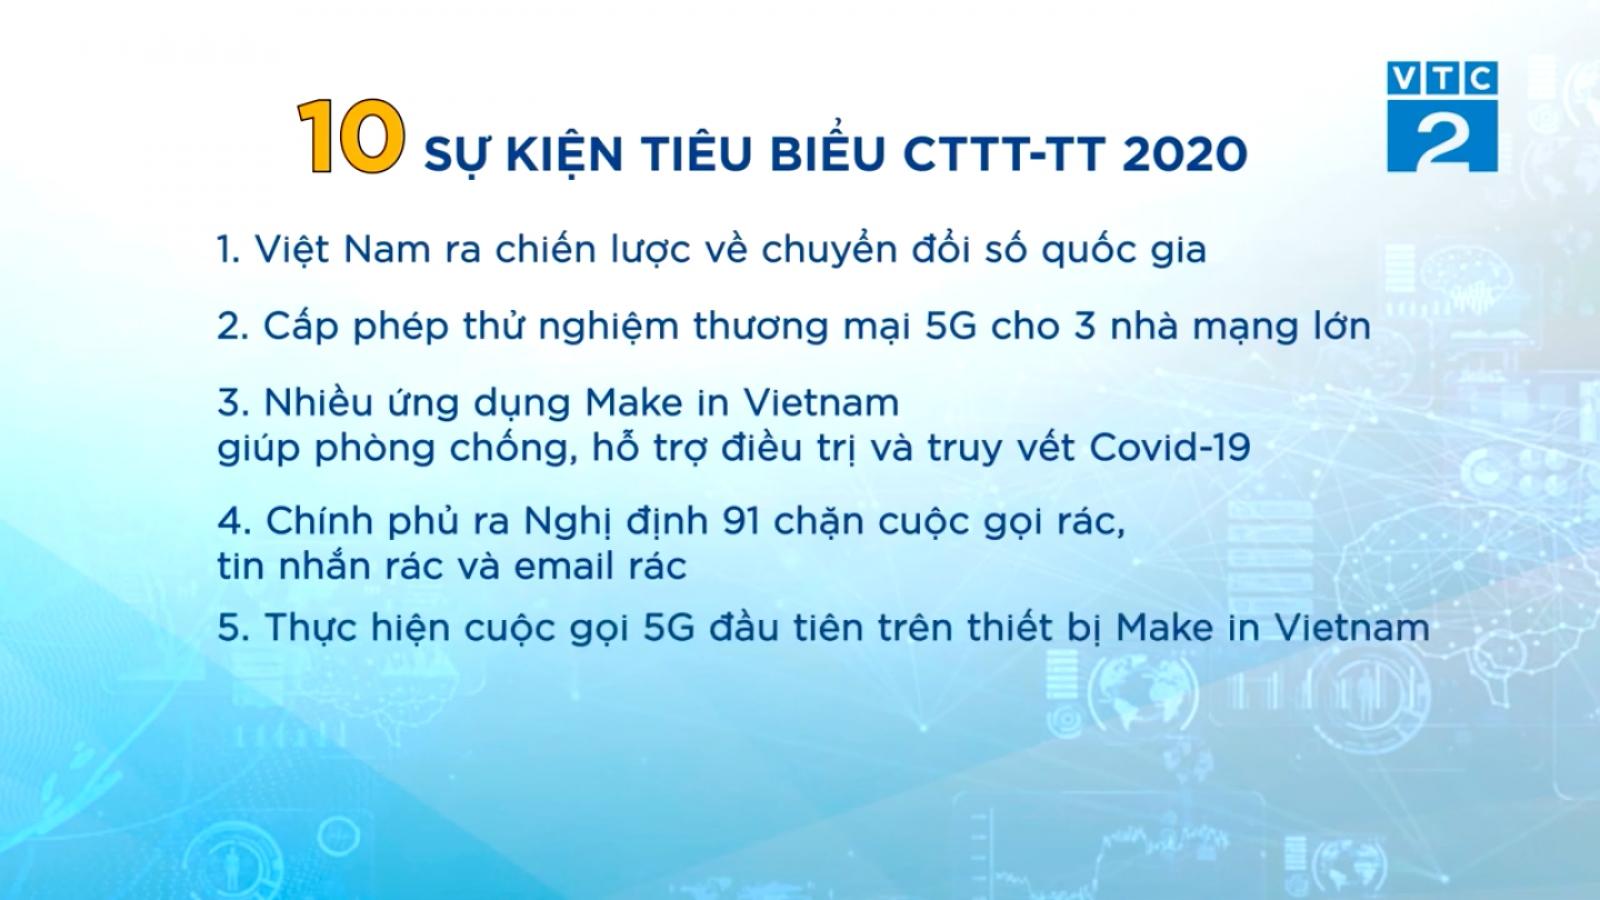 10 sự kiện công nghệ tiêu biểu năm 2020